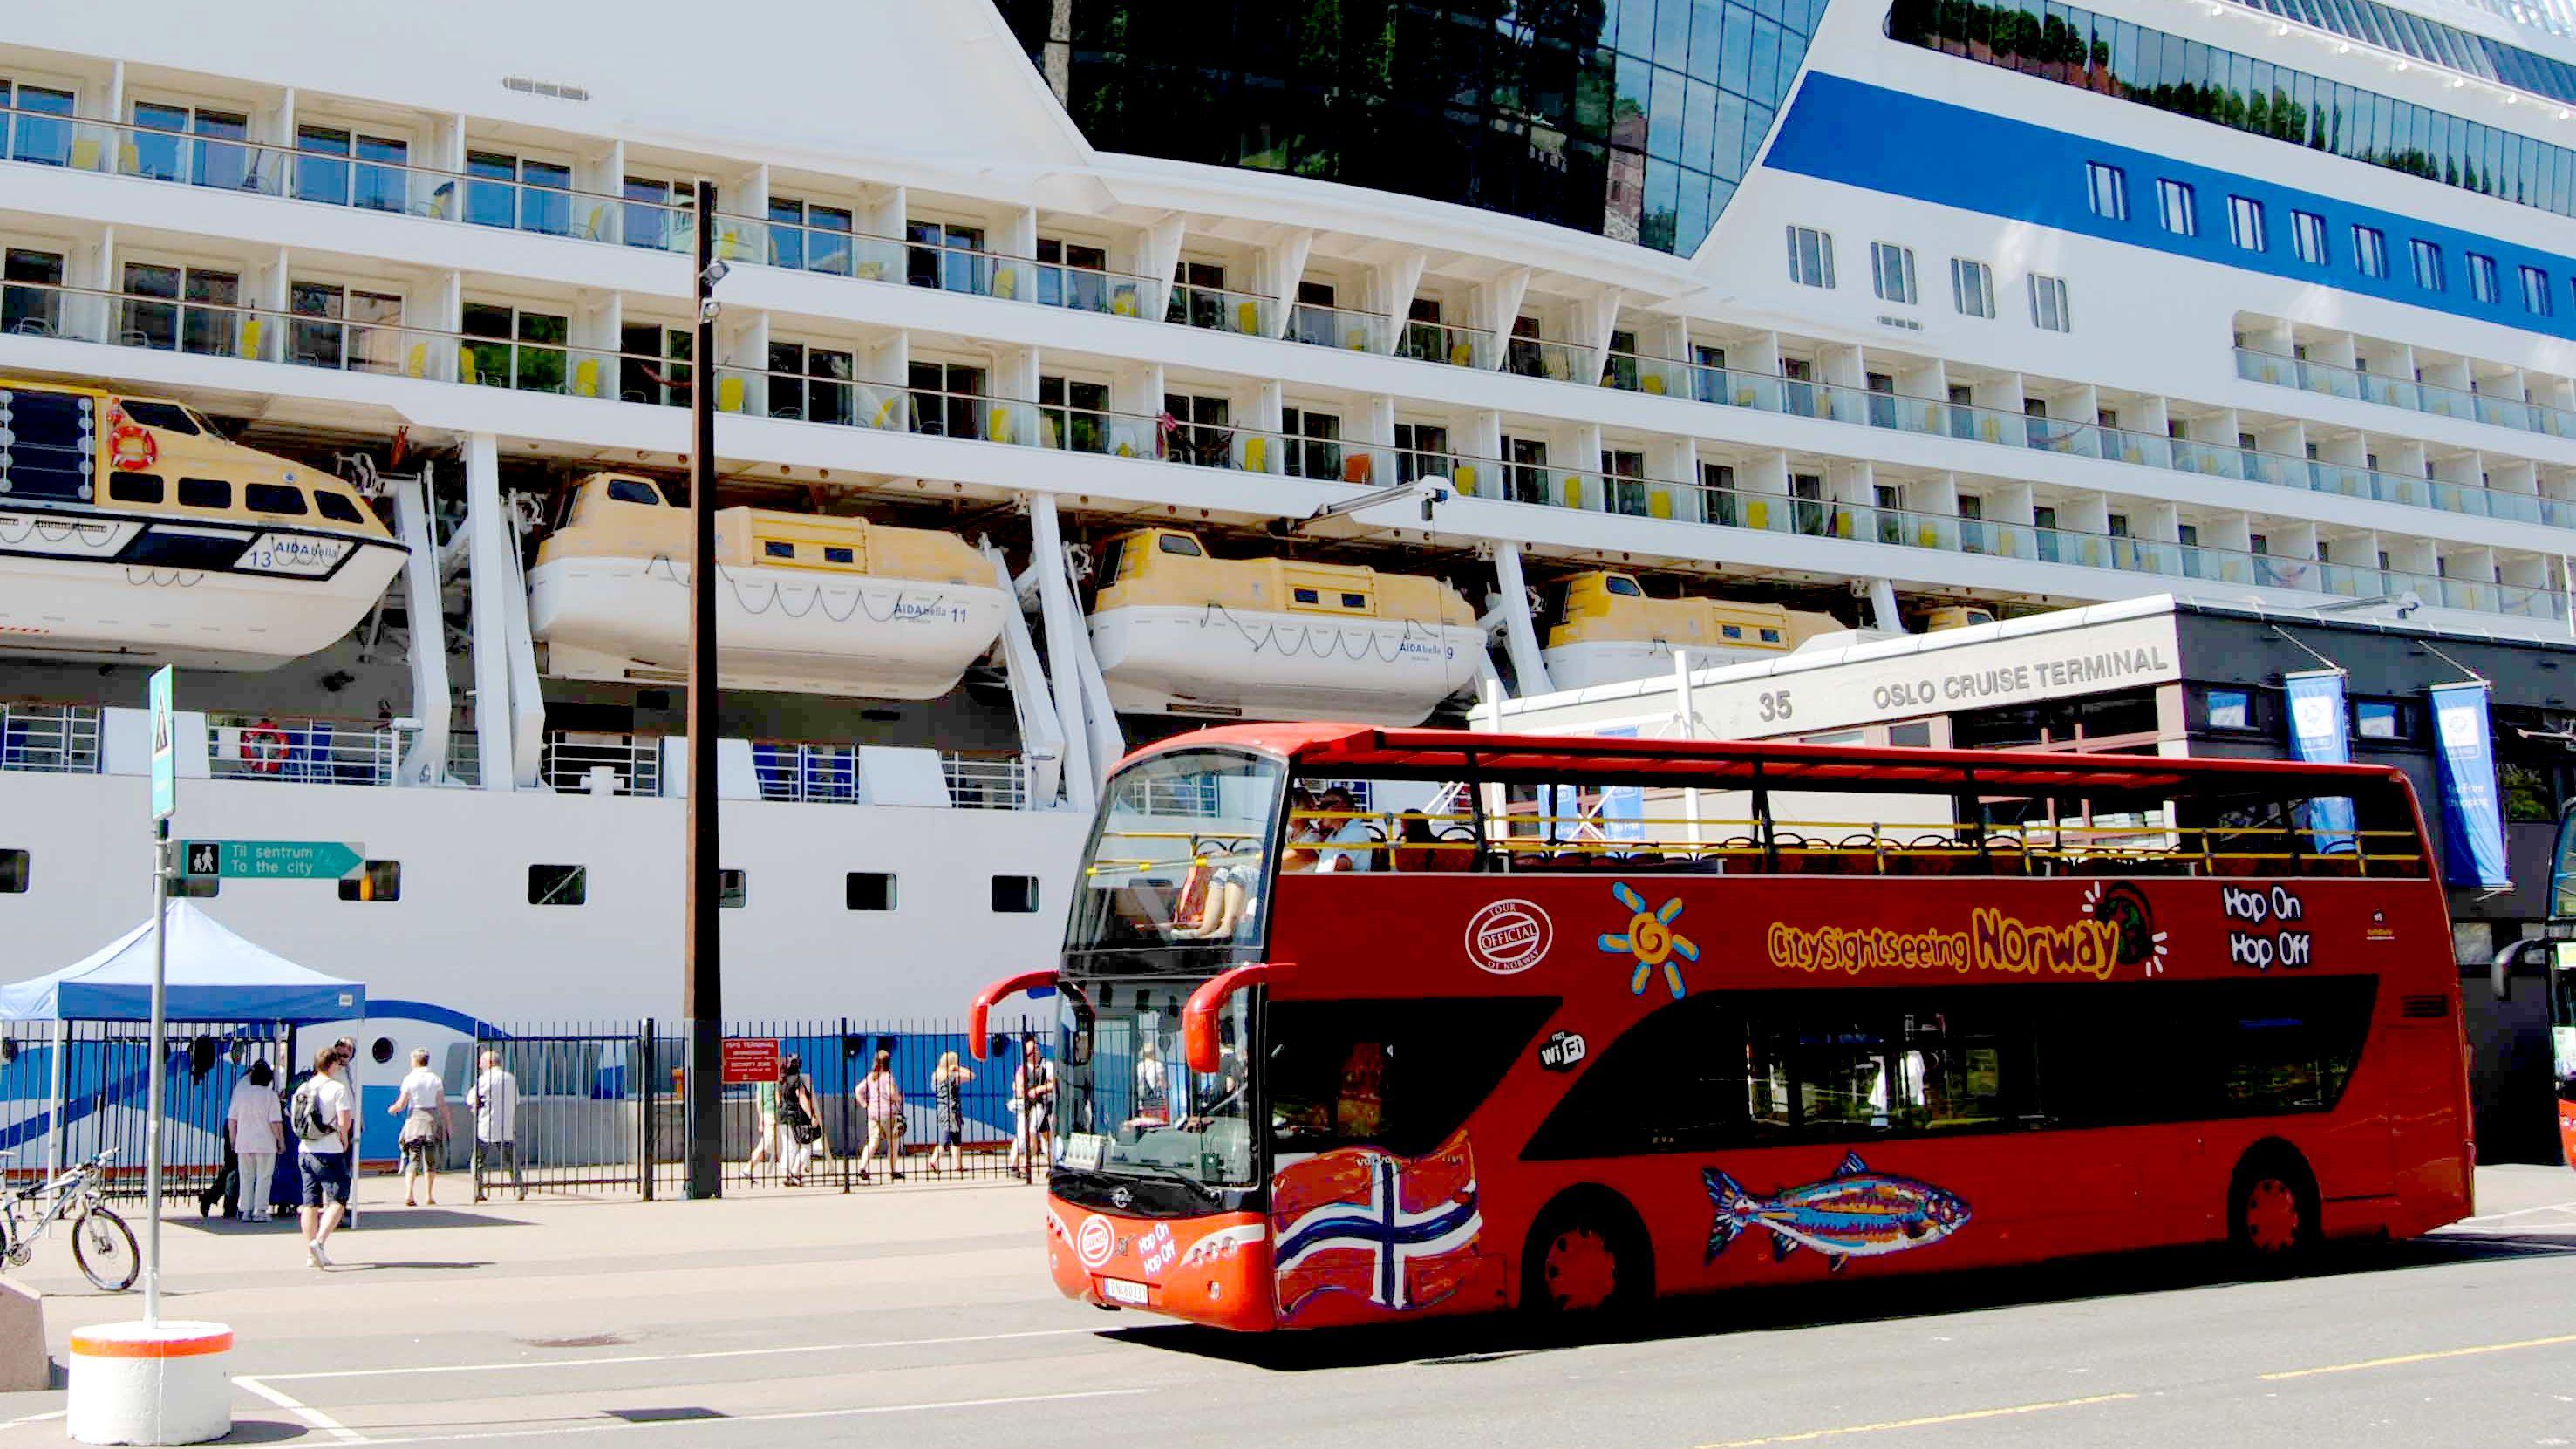 Havneutflukt: Tur med sightseeingbuss i Oslo